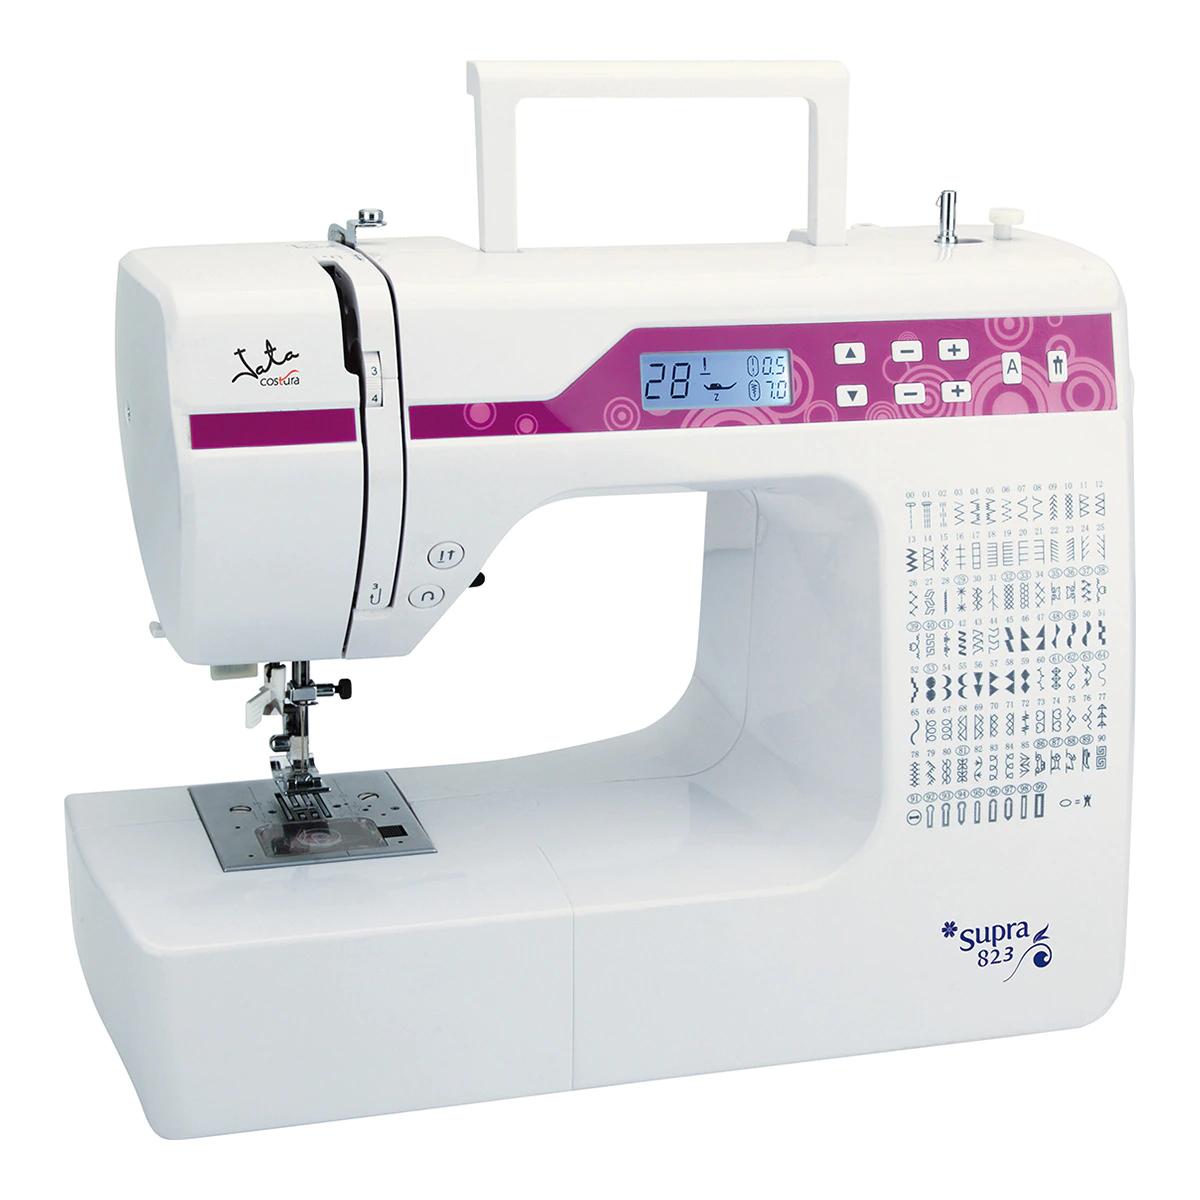 Máquina de coser Jata MC823 con control de funciones electrónico.